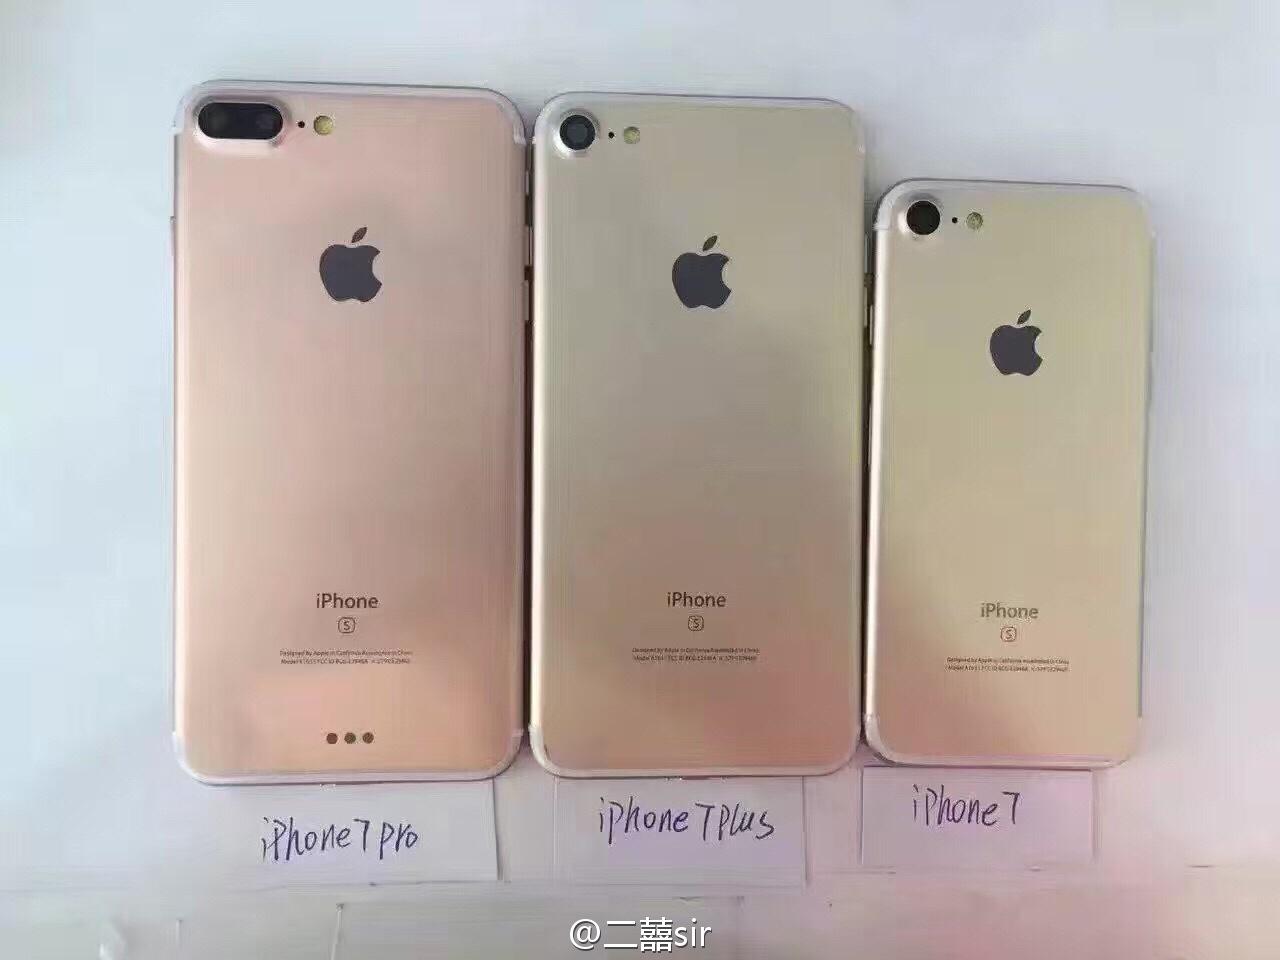 Achterkant van mogelijke iPhone 7, iPhone 7 Plus en iPhon 7 Pro.